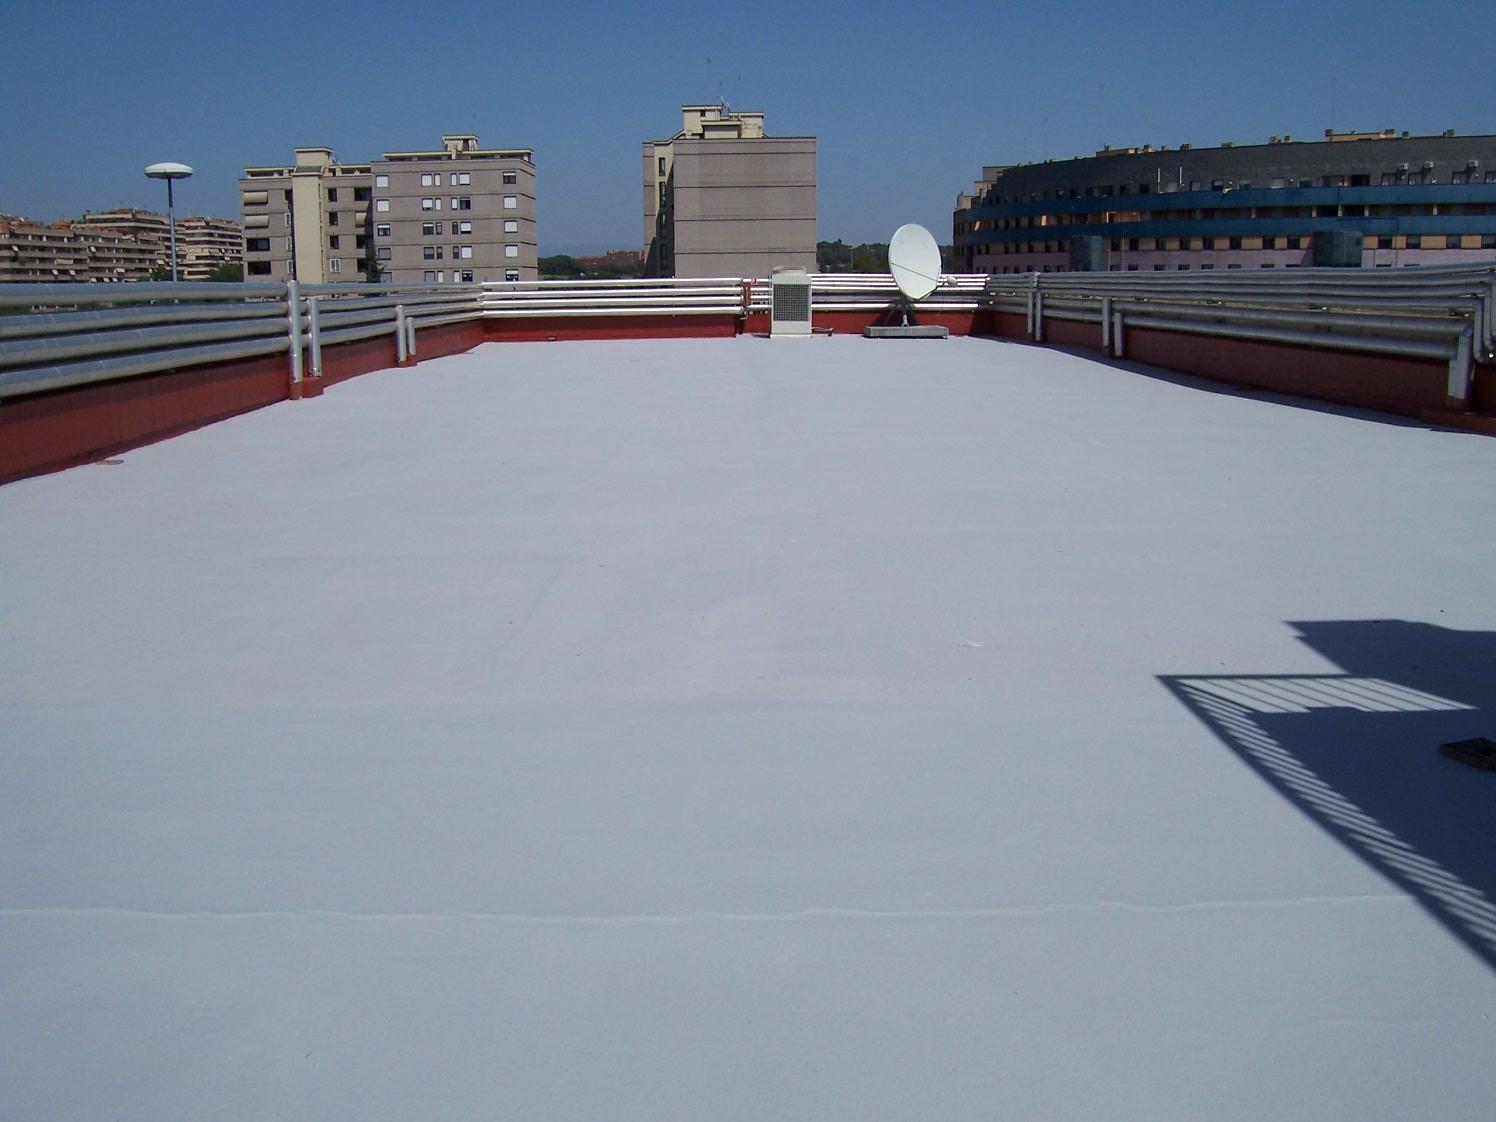 Policolor 2 impermeabilizzante per piscine vasche - Prodotto impermeabilizzante per terrazzi ...